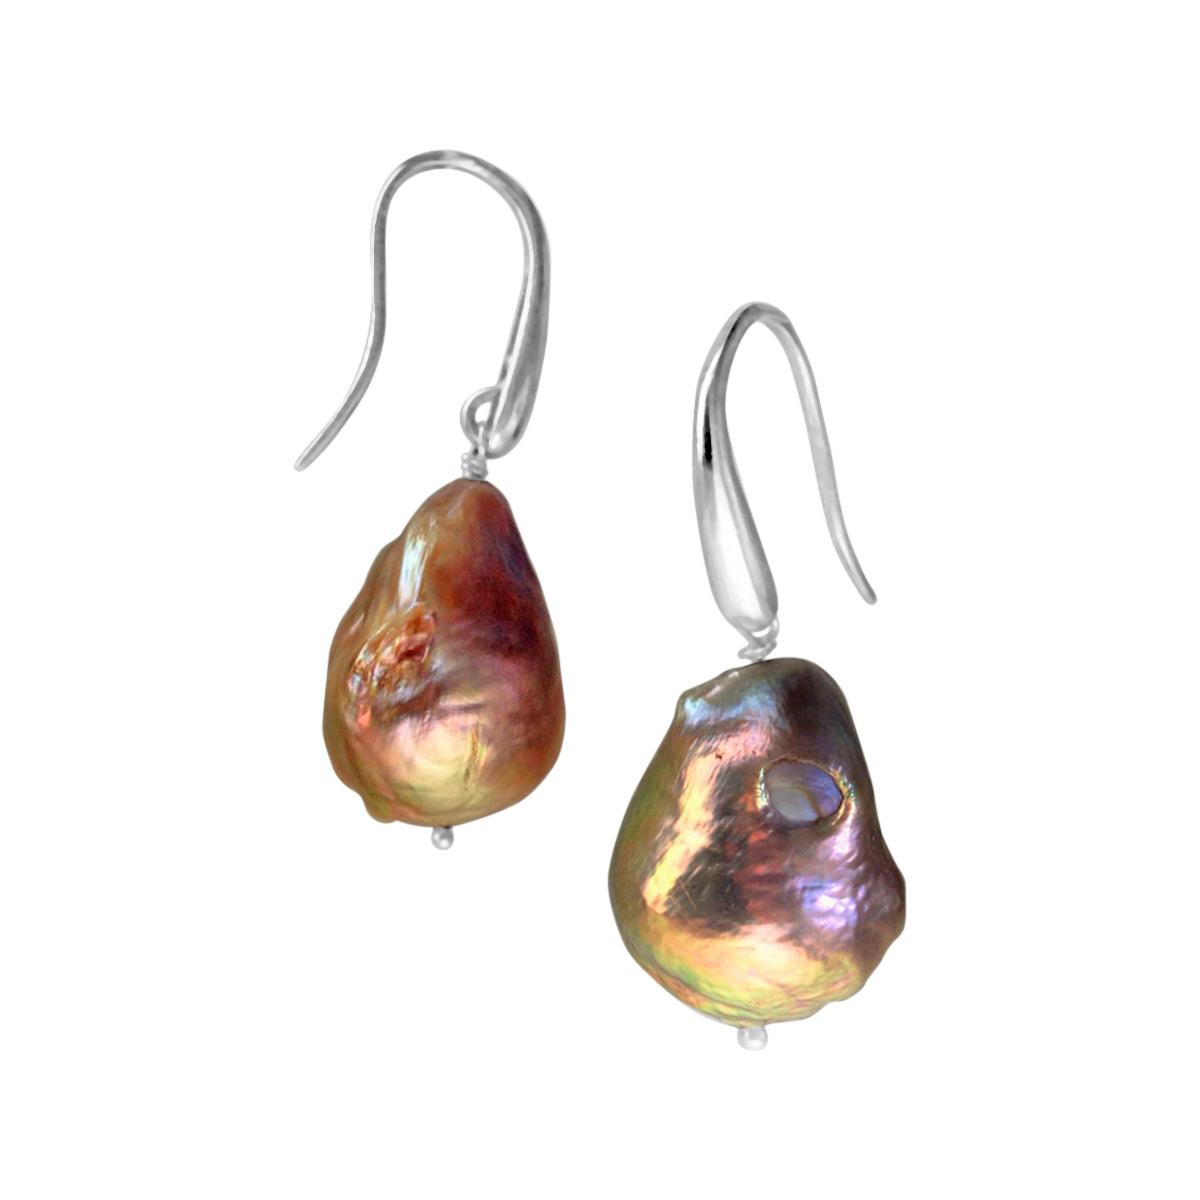 River Pearl earrings silver